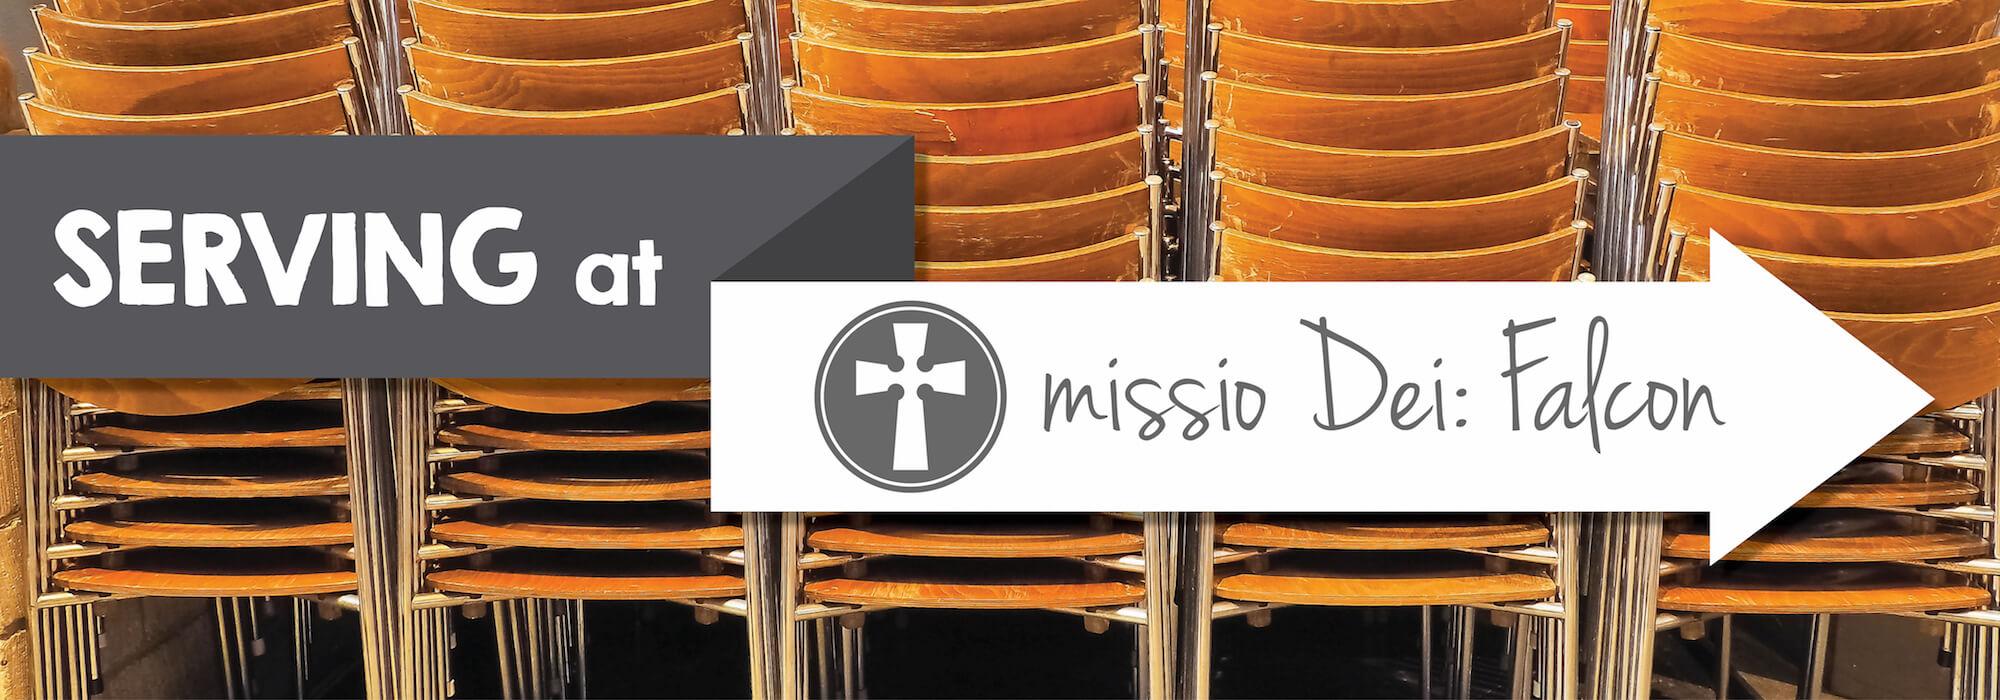 Serving at missio Dei: Falcon